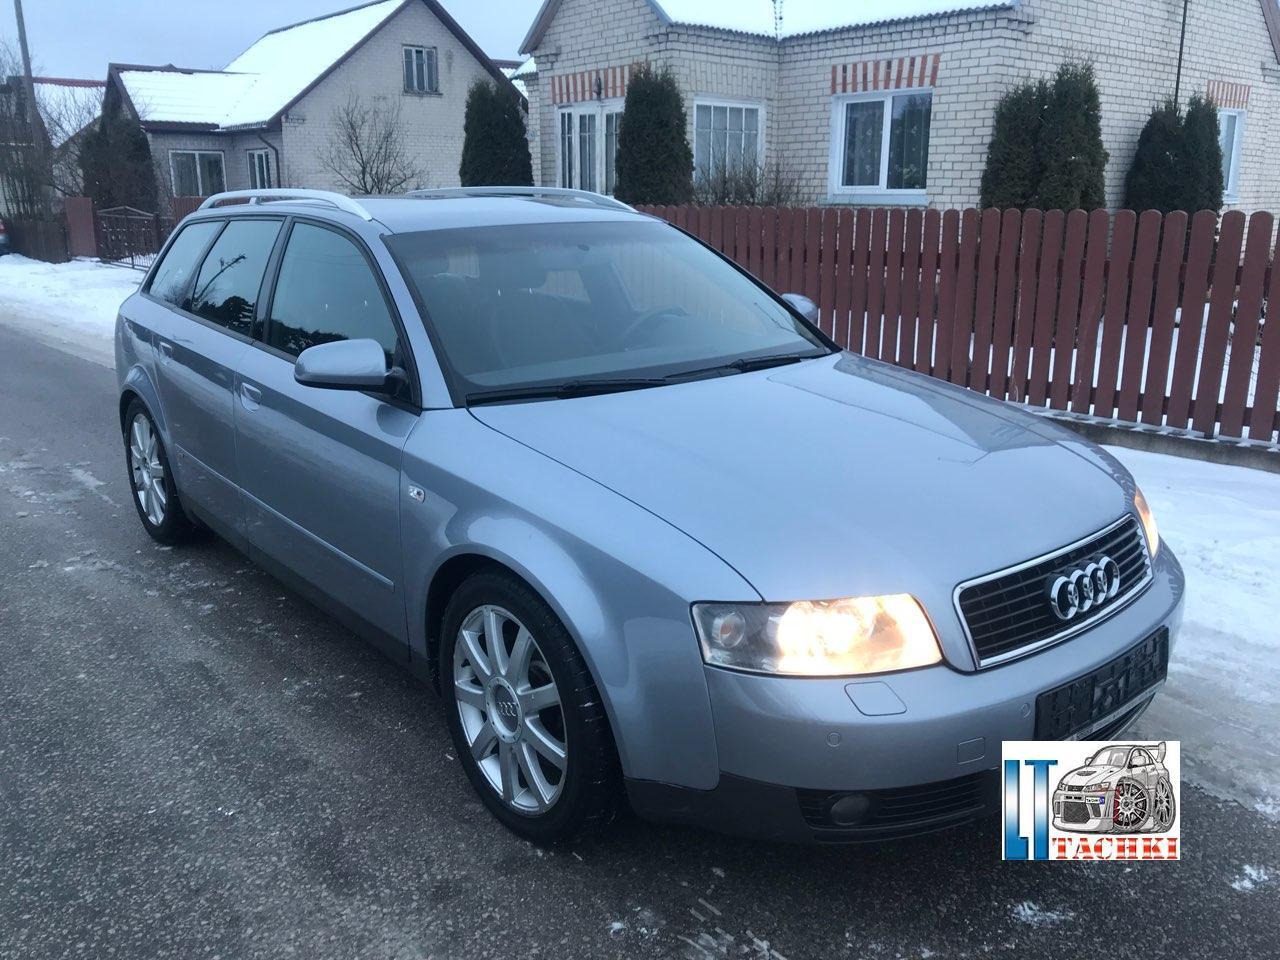 Продается Audi A4, 2.5